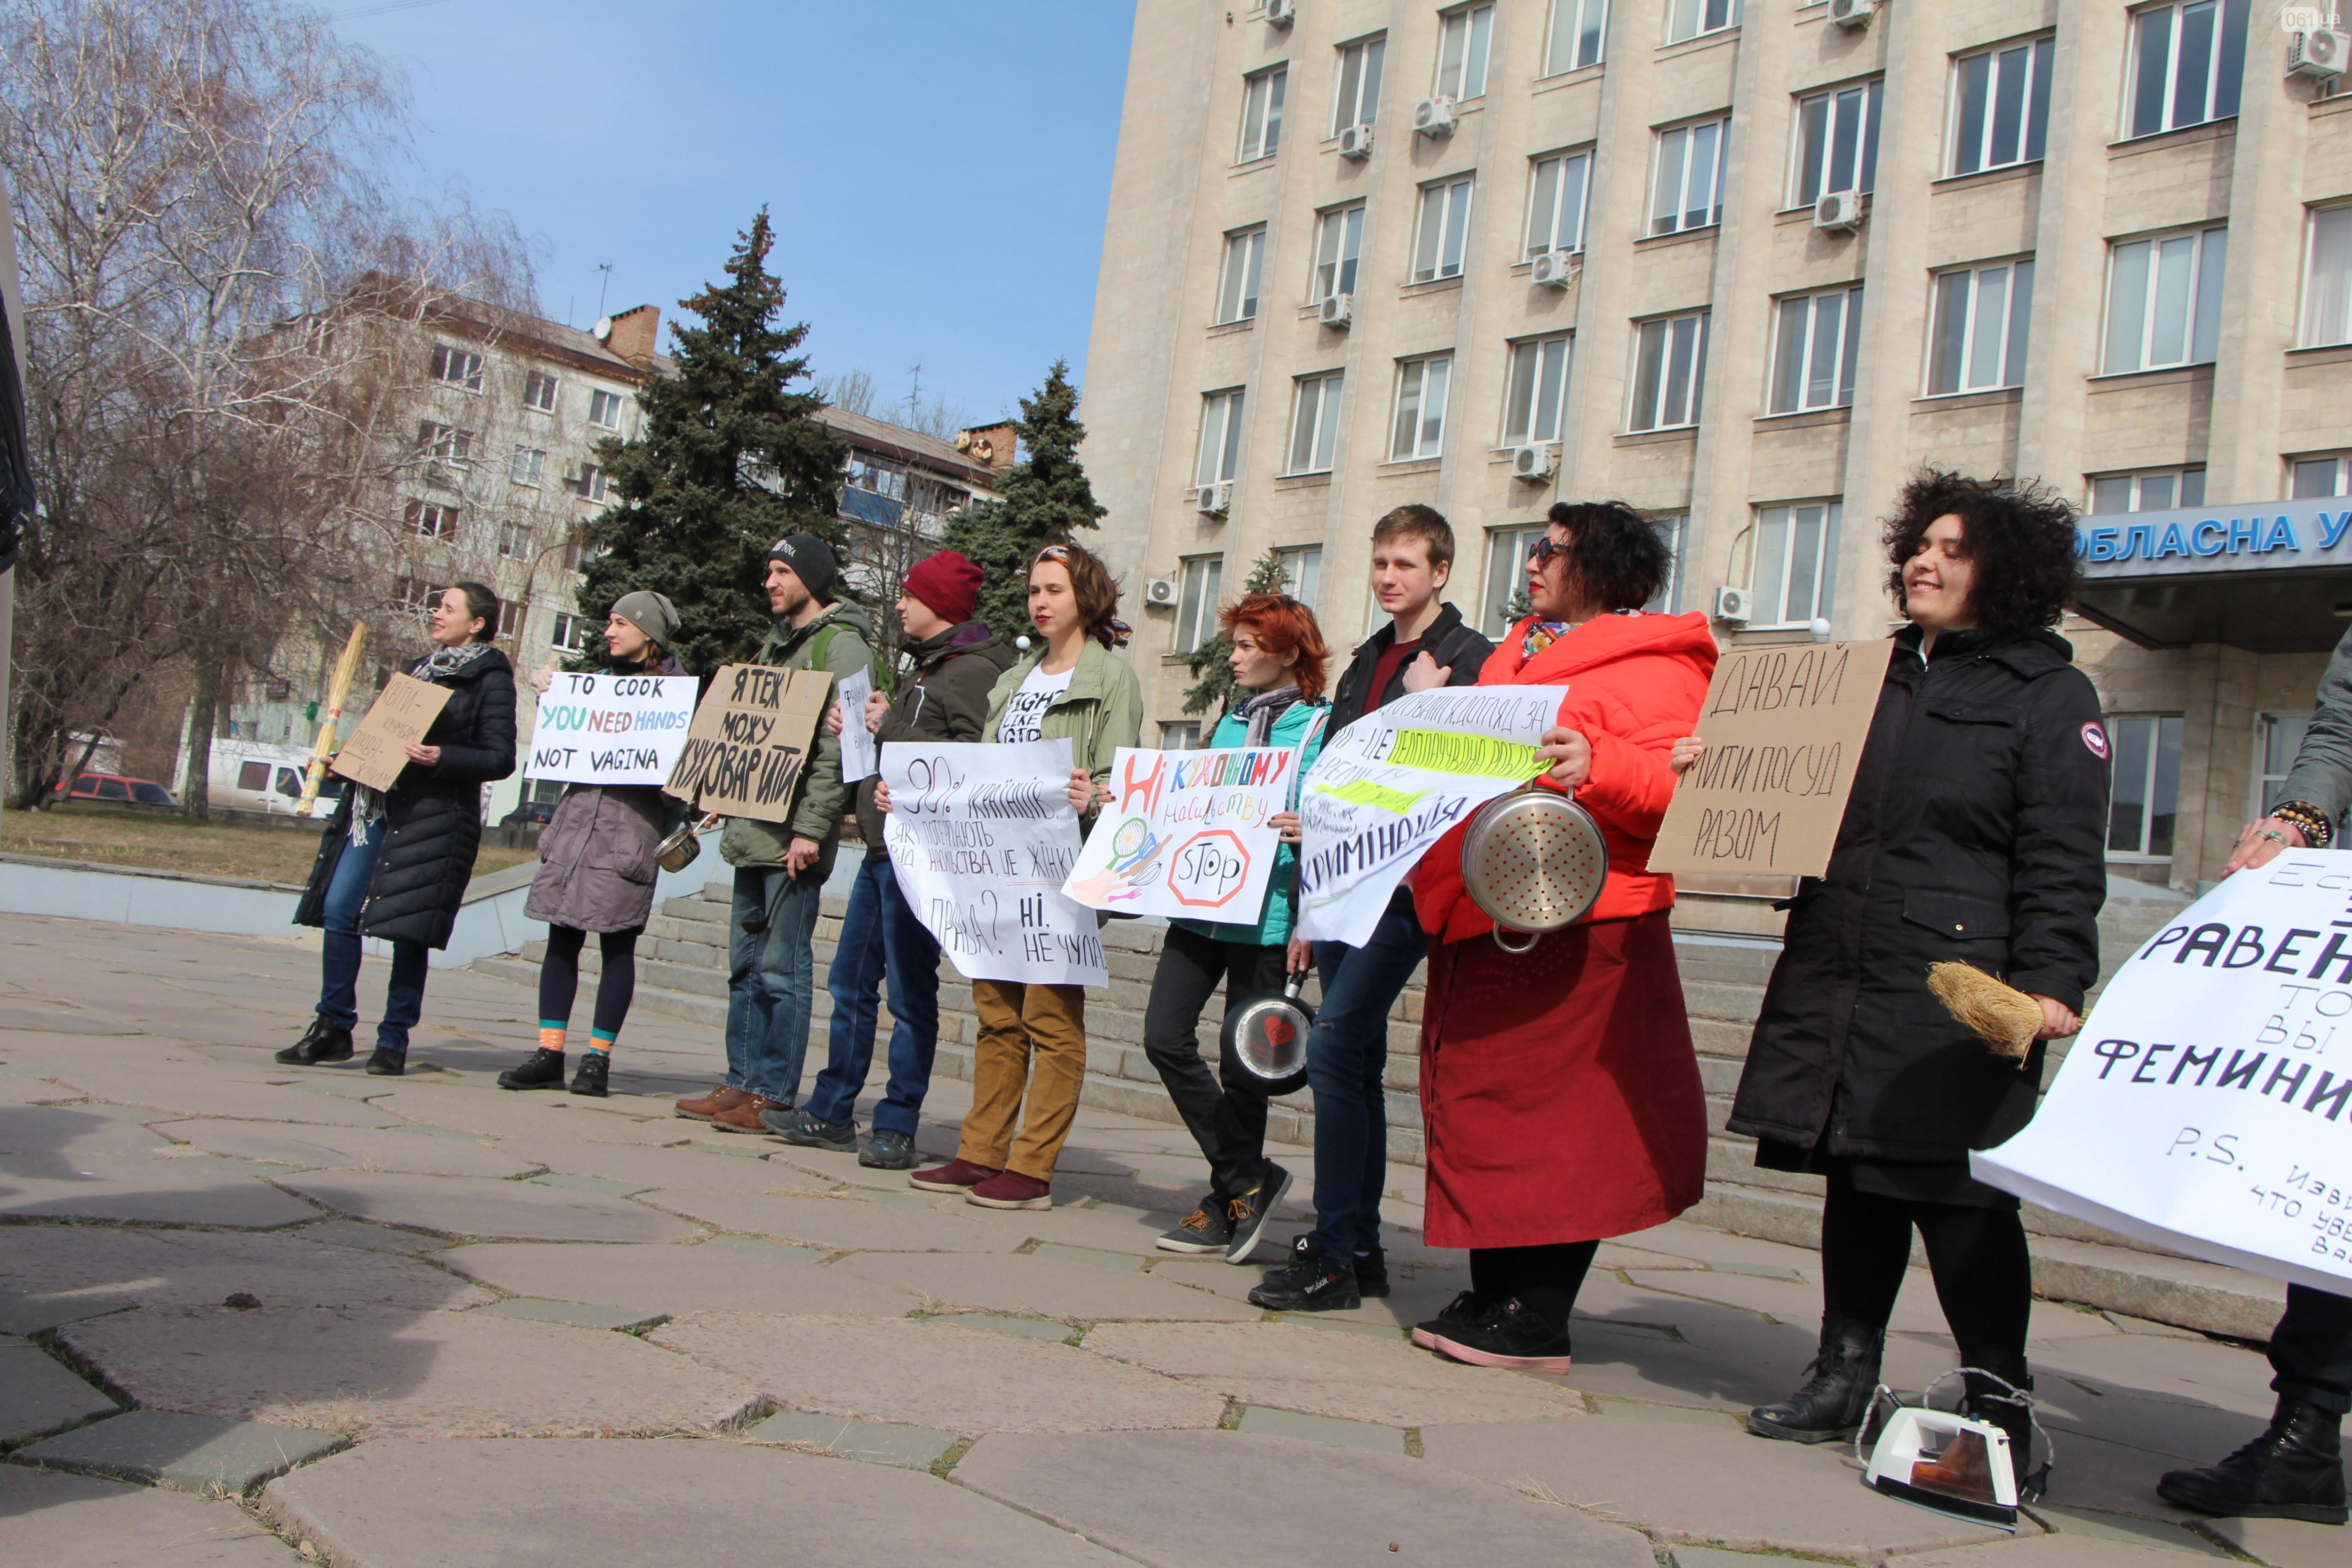 «Женщина не кухонный комбайн»: в центре города запорожские активисты со сковородками и вениками в руках напомнили о равноправии - ФОТО